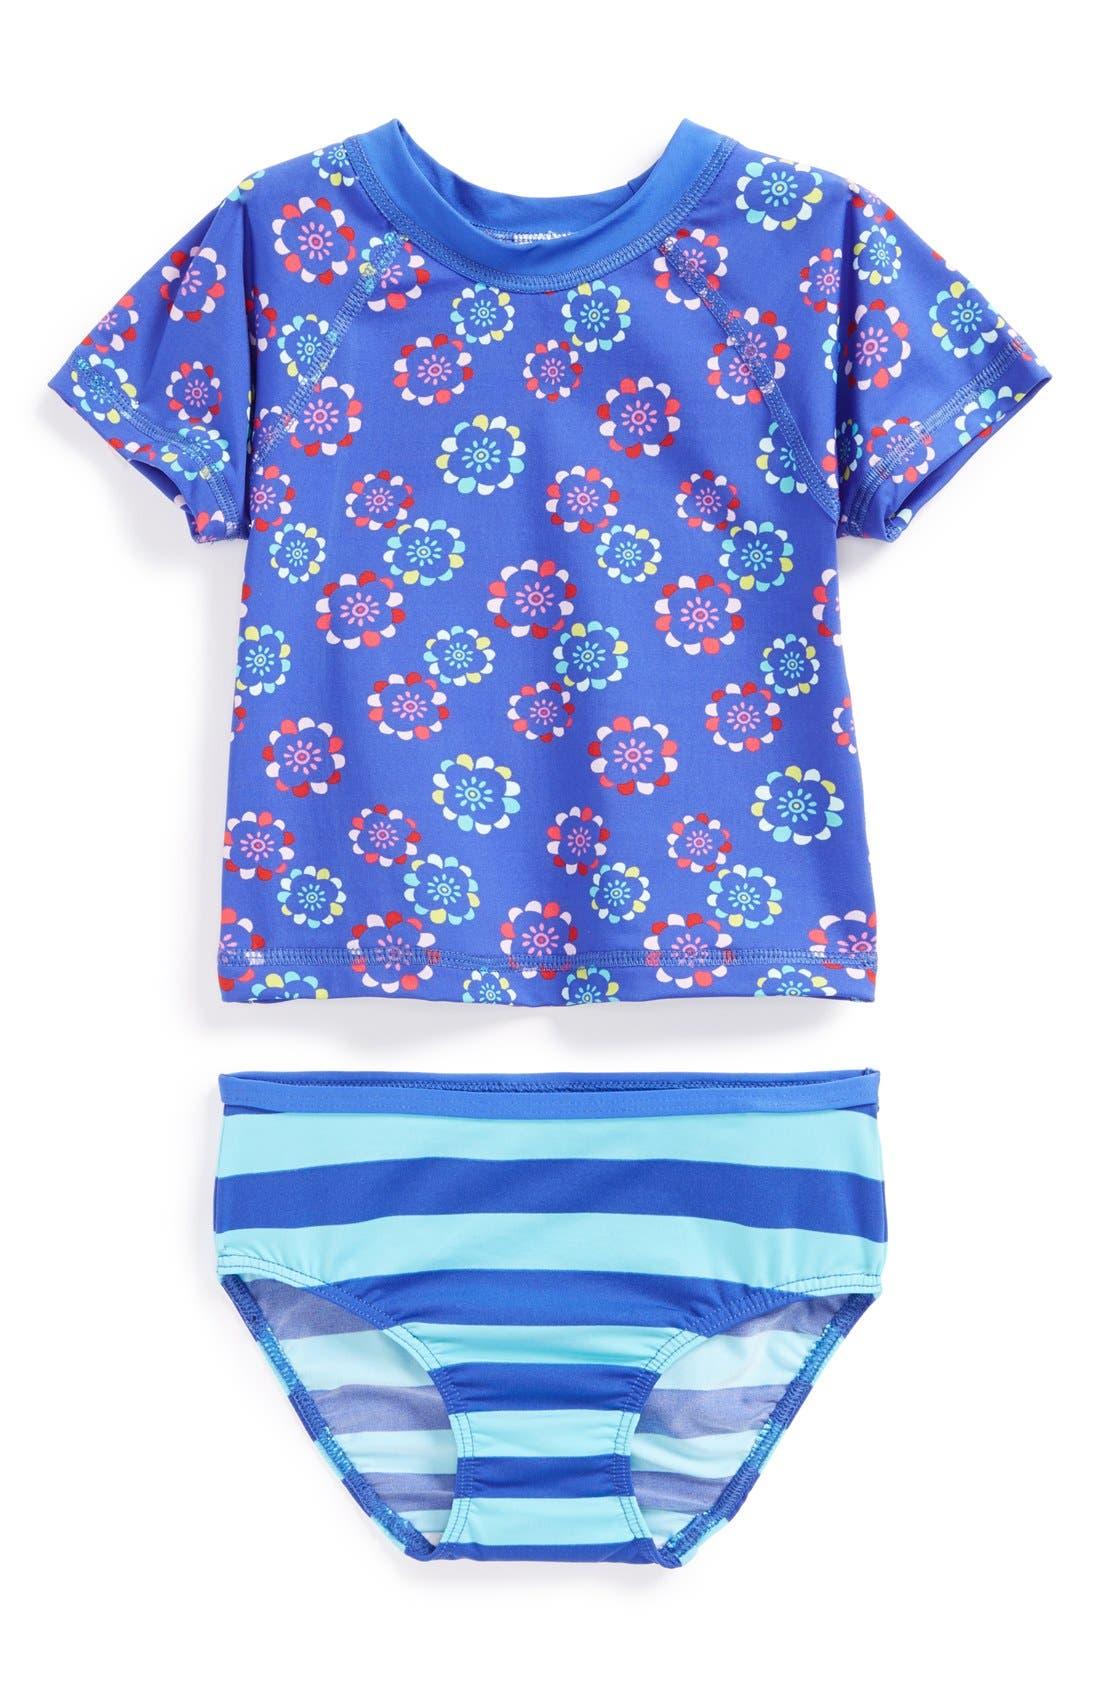 Main Image - Tea Collection Rashguard Shirt & Bottoms (Baby Girls)